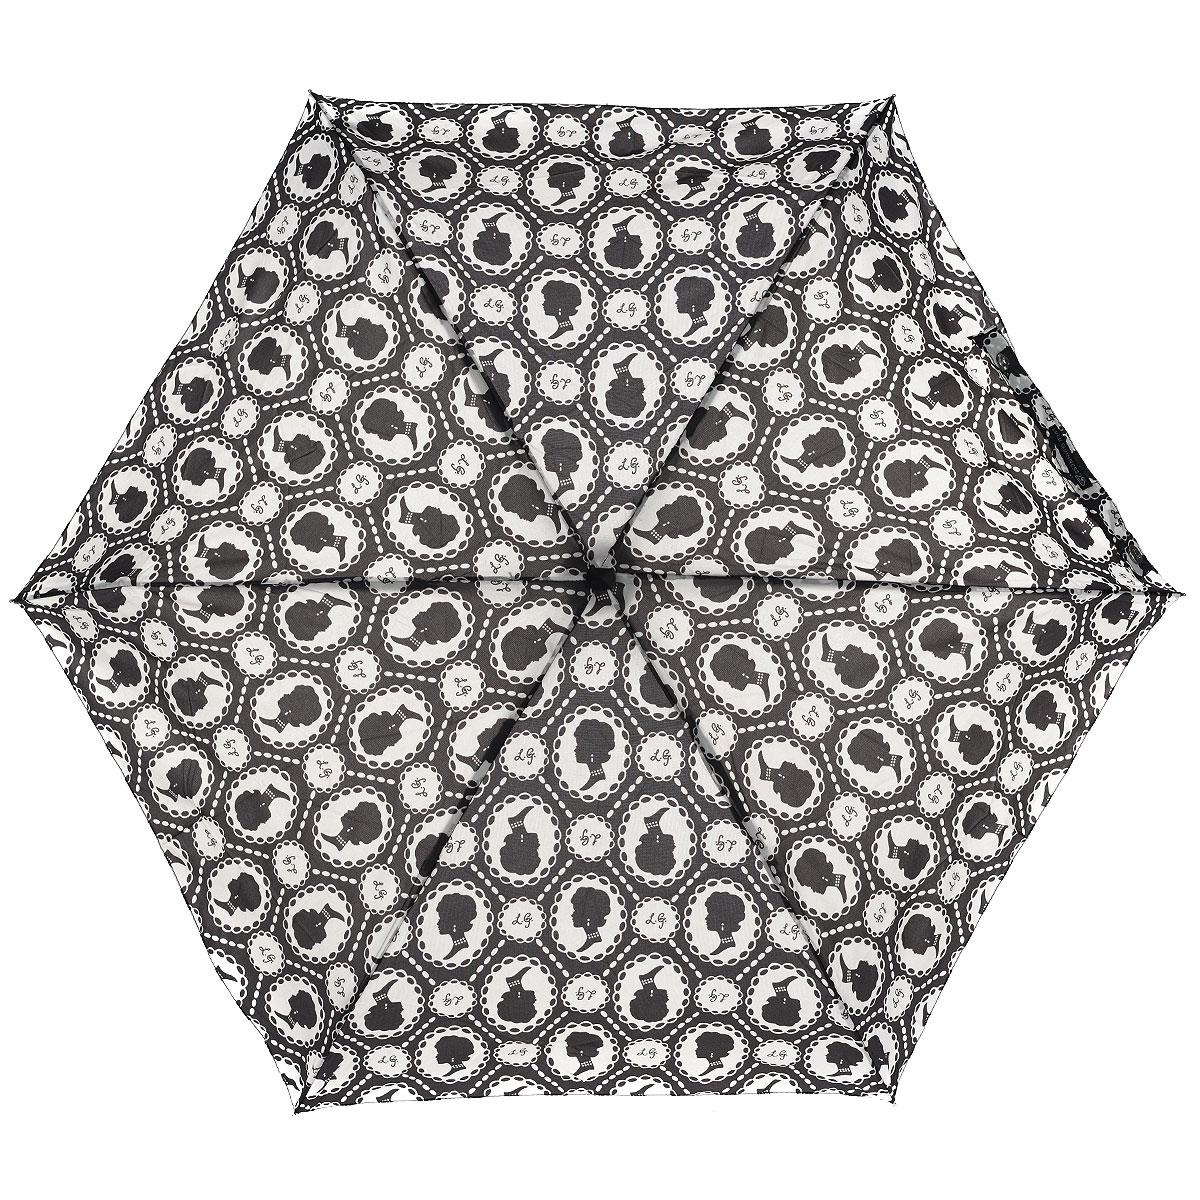 """Зонт женский Lulu Guinness Cameo, механический, 5 сложений, цвет: черный, белыйL717 2F2405Стильный зонт """"Cameo"""" защитит от непогоды, а его сверхкомпактный размер позволит вам всегда носить его с собой. """"Ветростойкий"""" плоский каркас зонта выполнен из алюминия и состоит из шести спиц с элементами из фибергласса, зонт оснащен удобной рукояткой из пластика. Купол зонта выполнен из прочного полиэстера и оформлен принтом в виде камей. На рукоятке для удобства есть небольшой шнурок, позволяющий надеть зонт на руку тогда, когда это будет необходимо. К зонту прилагается чехол. Зонт механического сложения: купол открывается и закрывается вручную, стержень также складывается вручную до характерного щелчка. Характеристики: Материал: алюминий, фибергласс, пластик, полиэстер. Цвет: черный, белый. Диаметр купола: 87 см. Длина зонта в сложенном виде: 15 см. Длина ручки (стержня) в раскрытом виде: 50 см. Вес: 158 г. Артикул: L717 2F2405."""